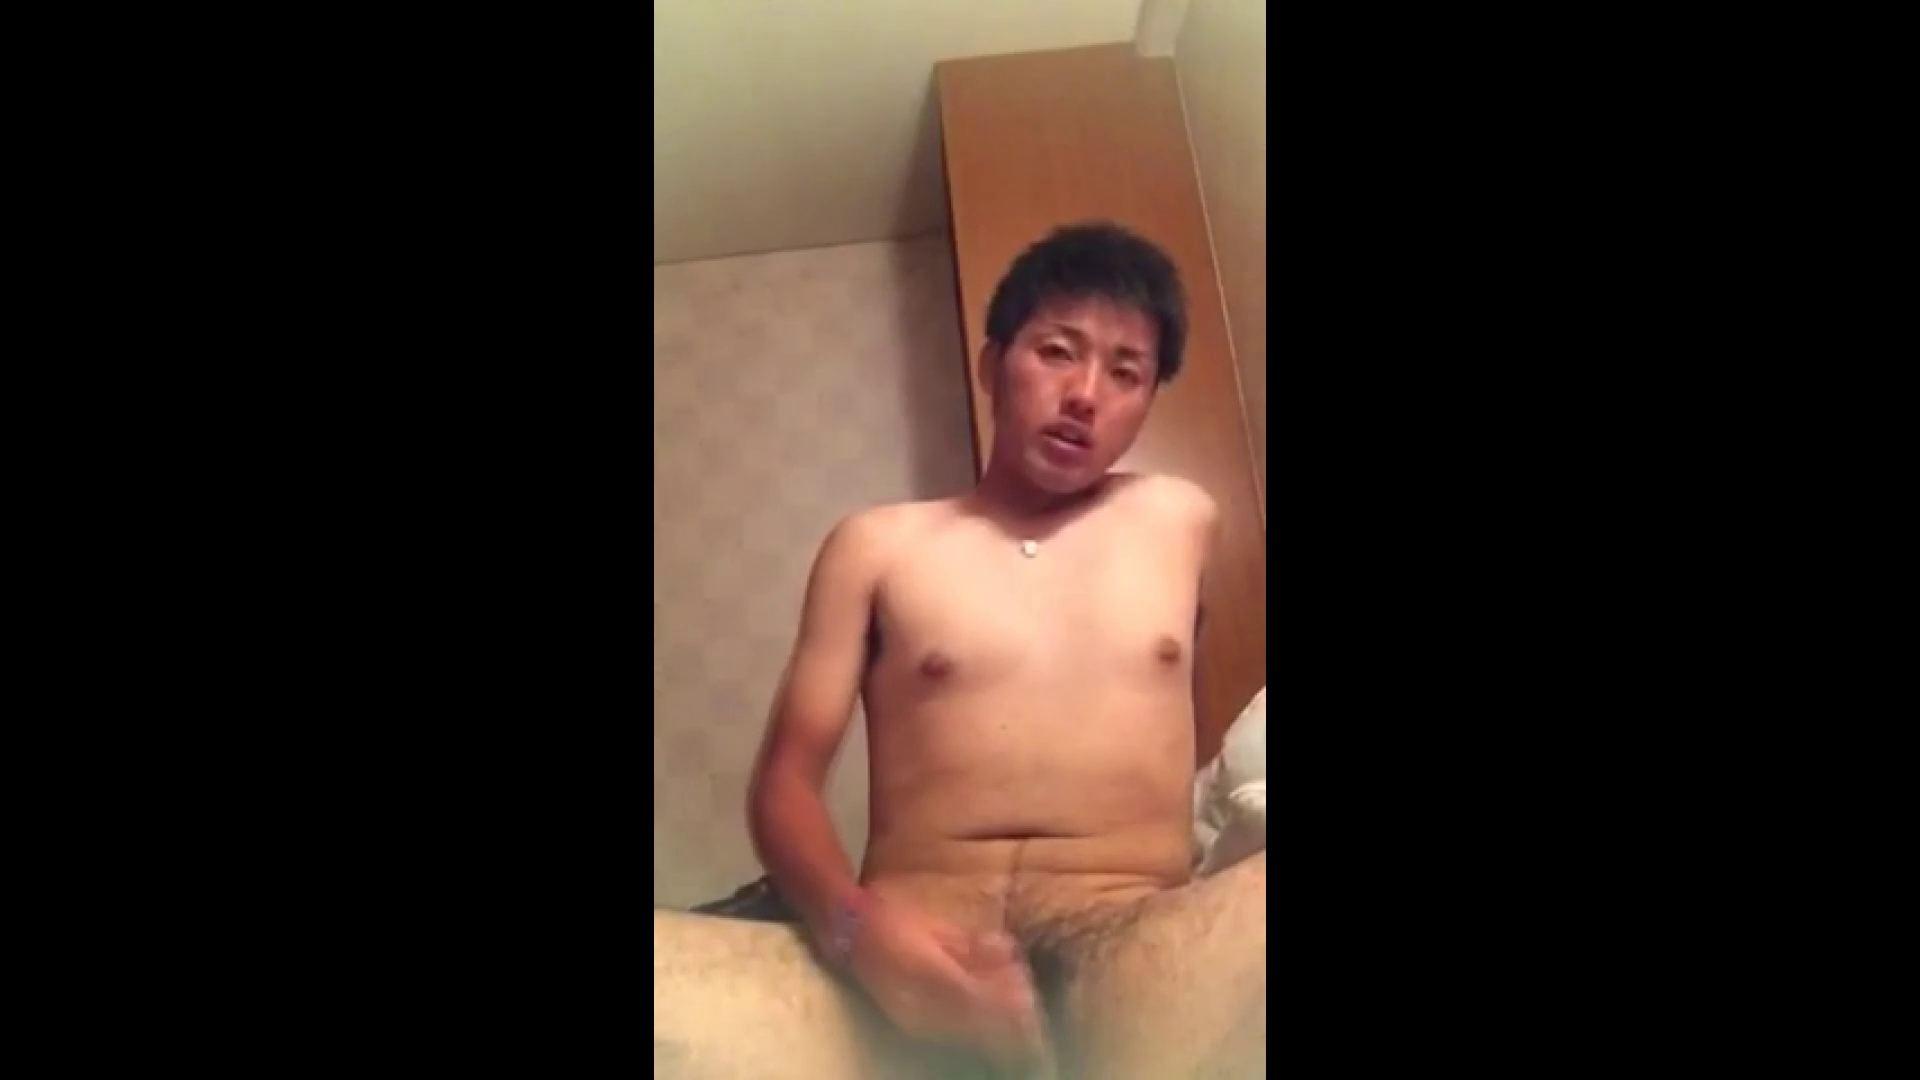 キター!ノンケちゃんオナニー特集vol.29 モザイク無し ゲイ無修正ビデオ画像 107pic 63